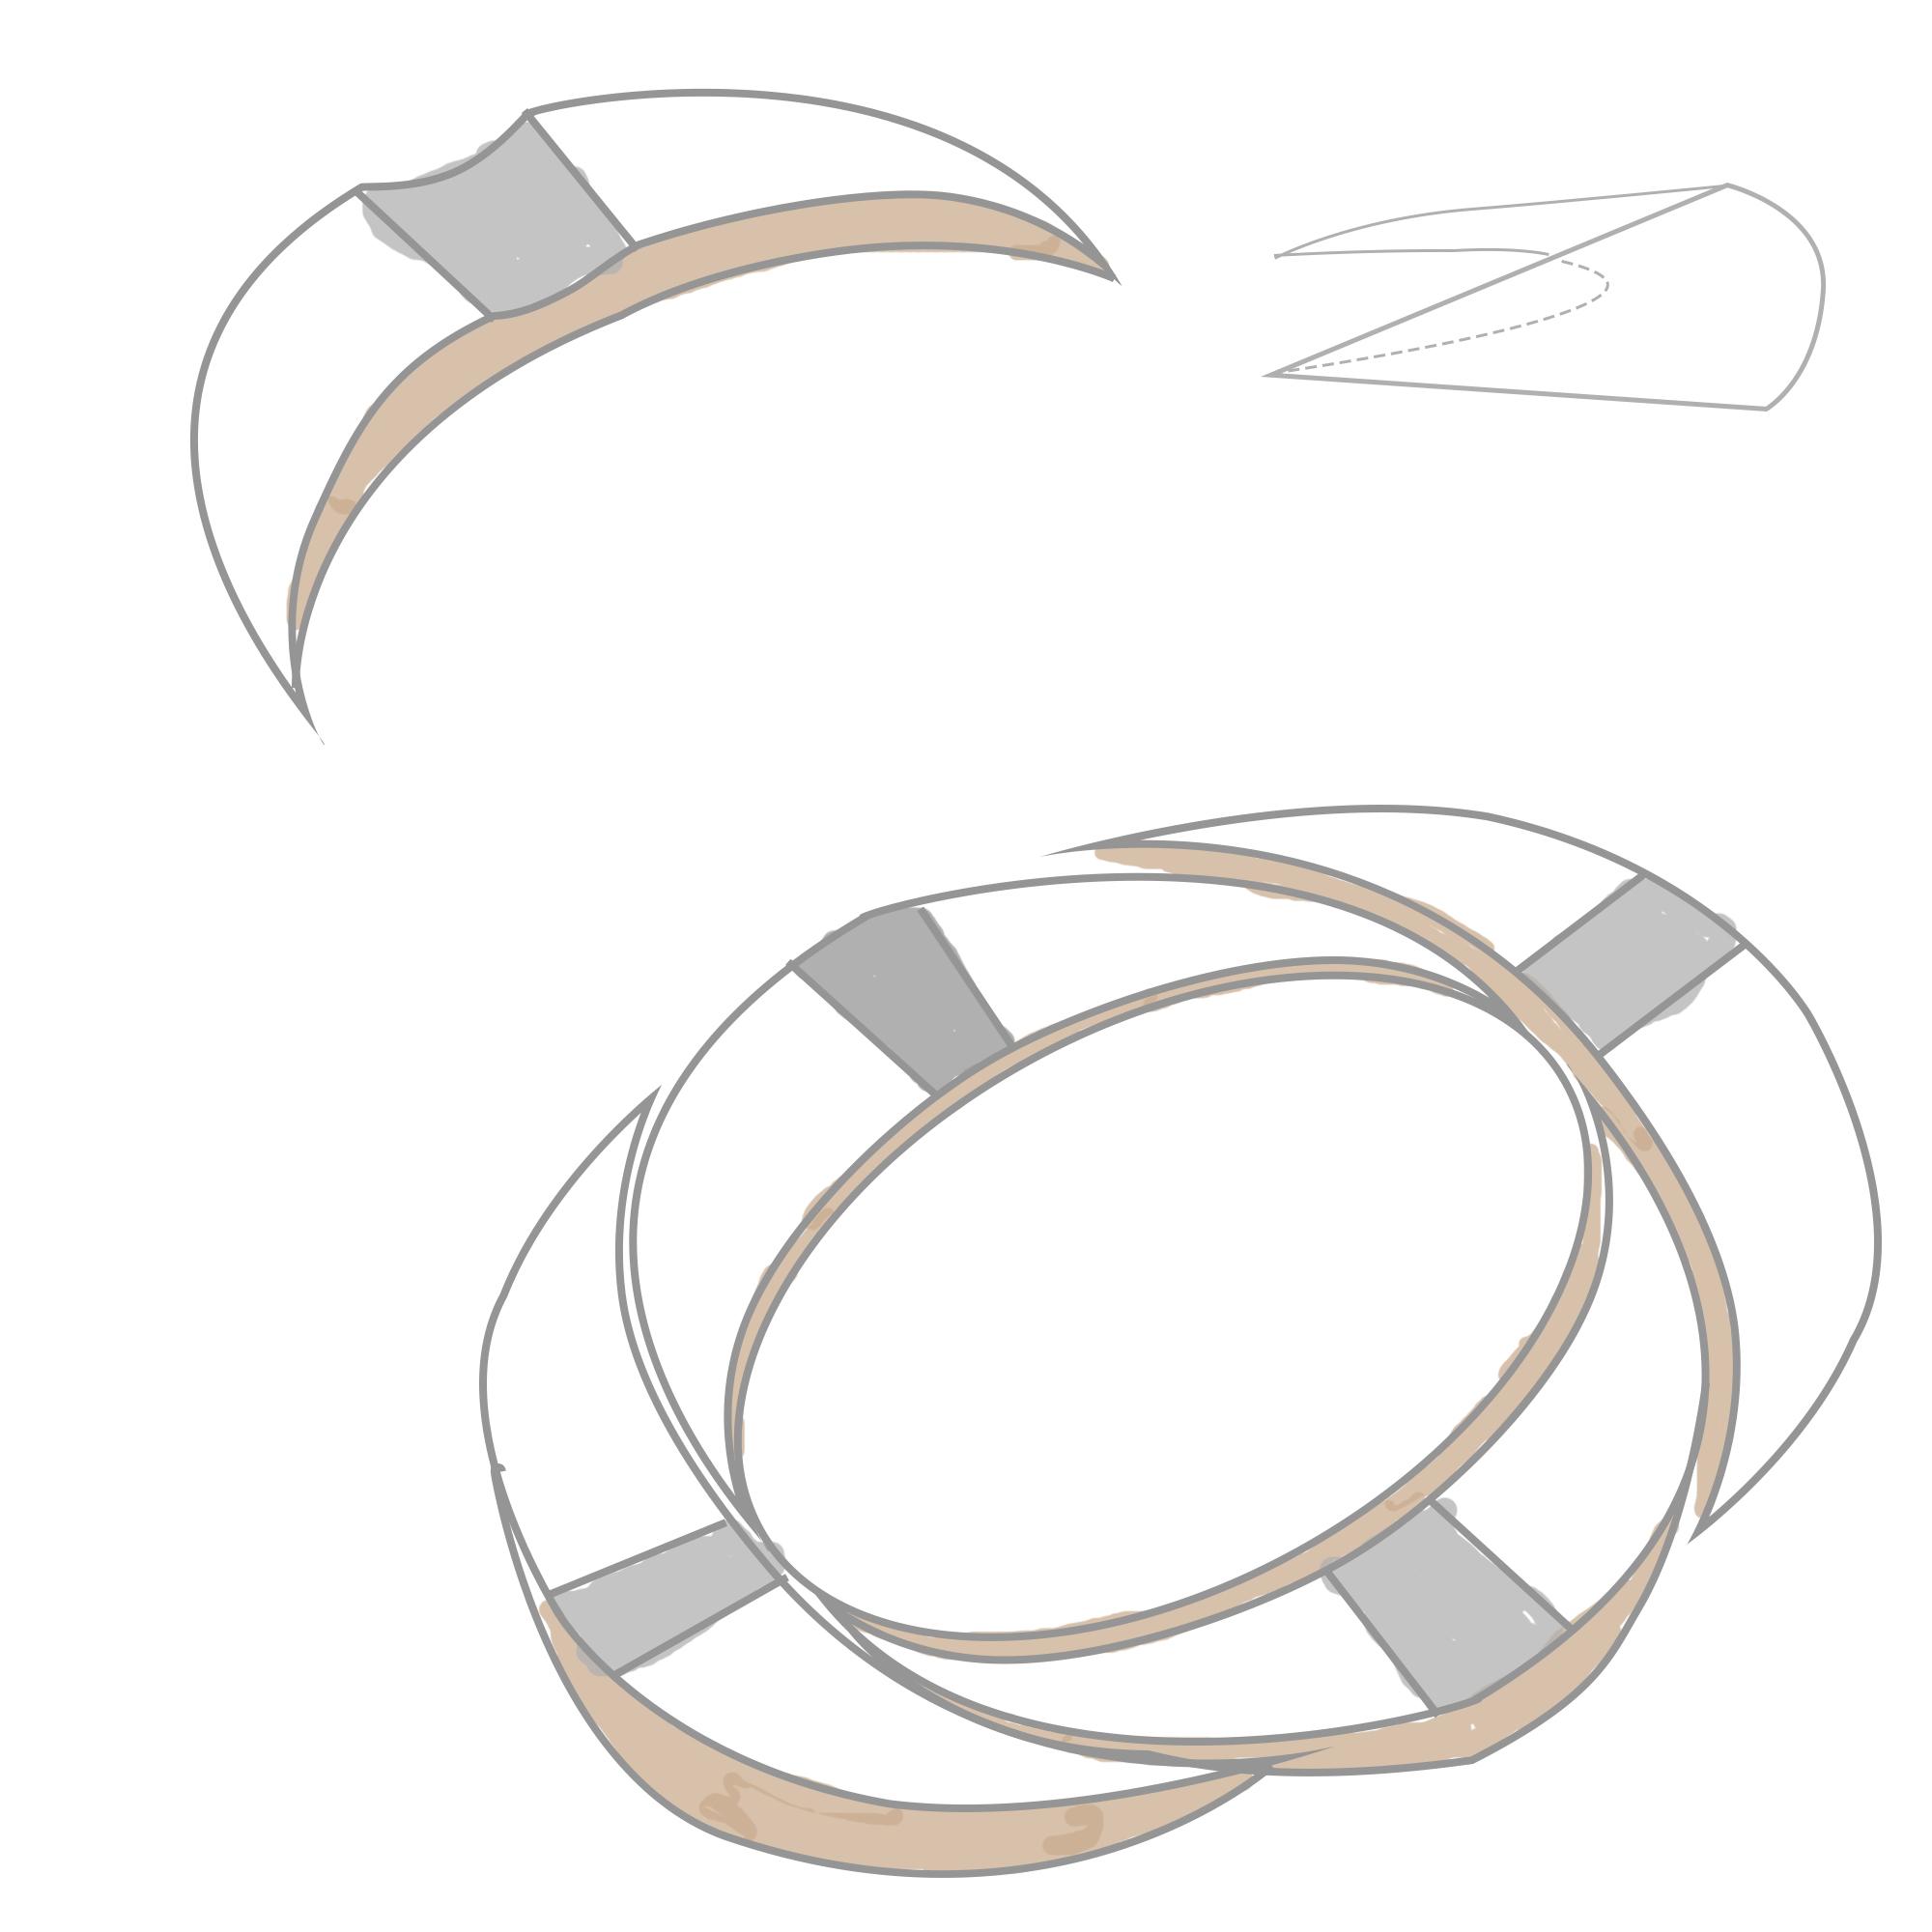 Дизайн пепельницы для сигар (не сигарет) фото f_582583f0912940e1.jpg